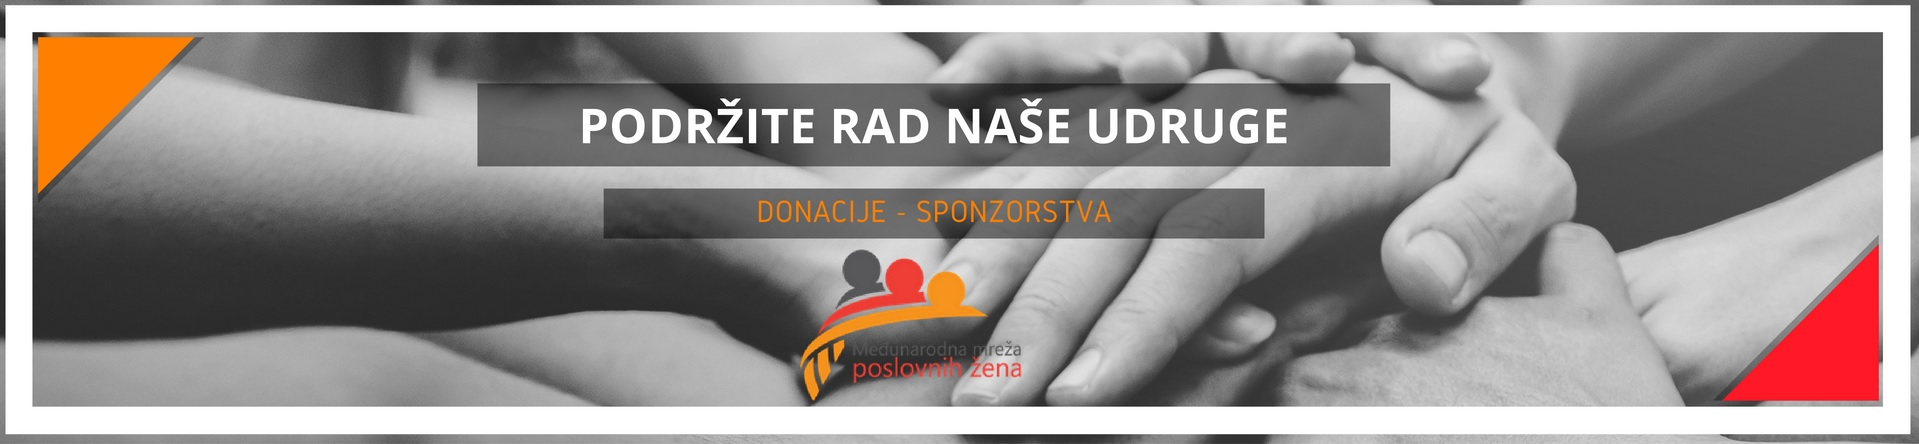 Međunarodna mreža poslovnih žena - donacije i sponzorstva